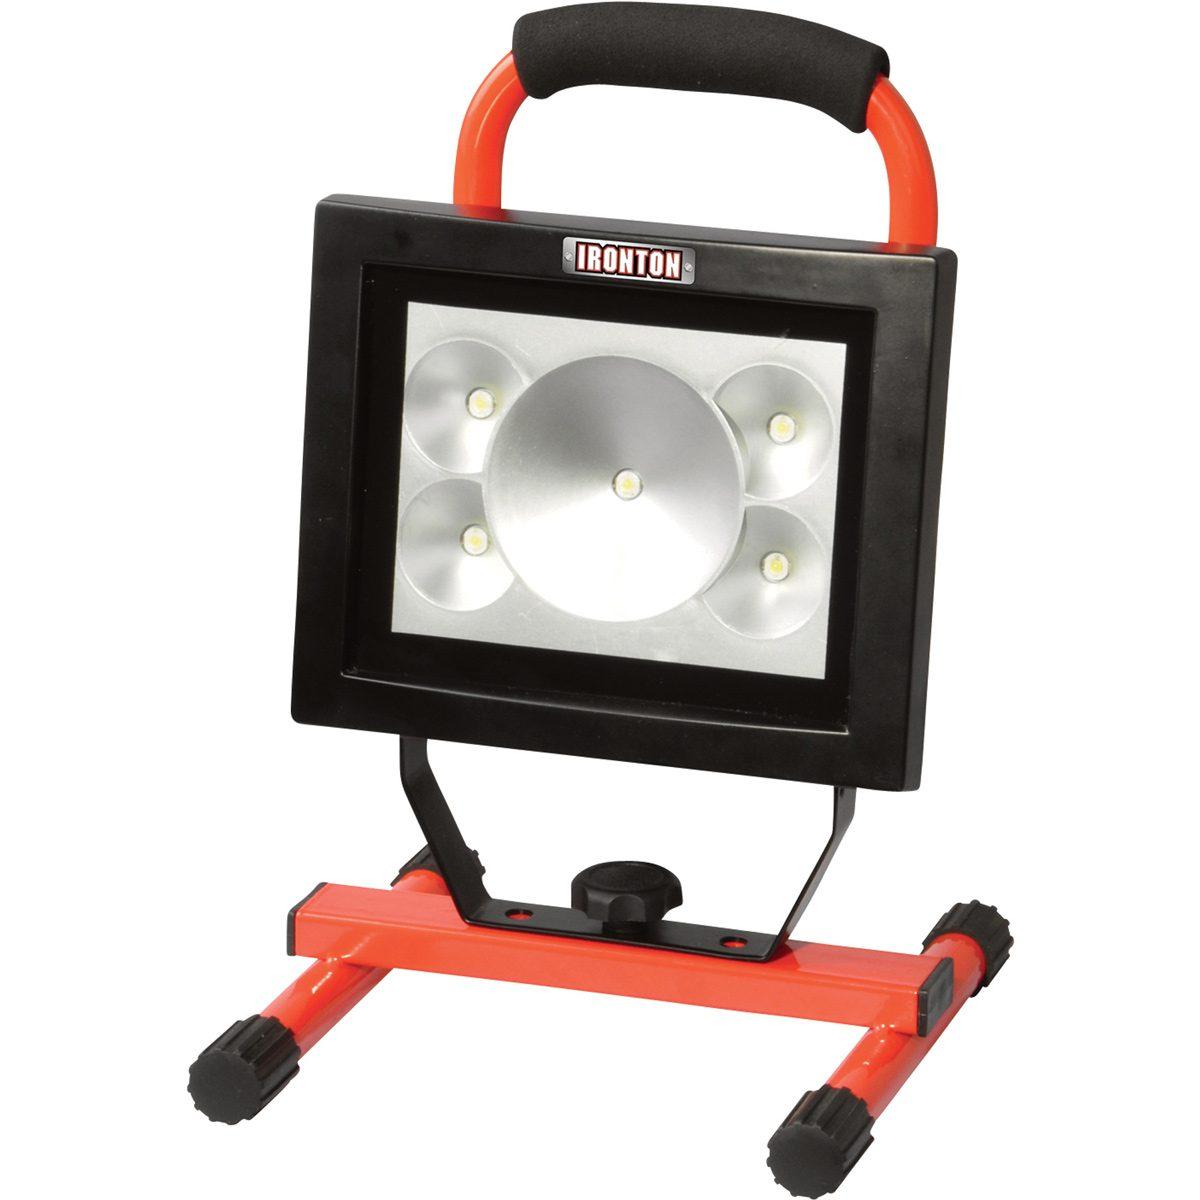 Versatile LED Work Light